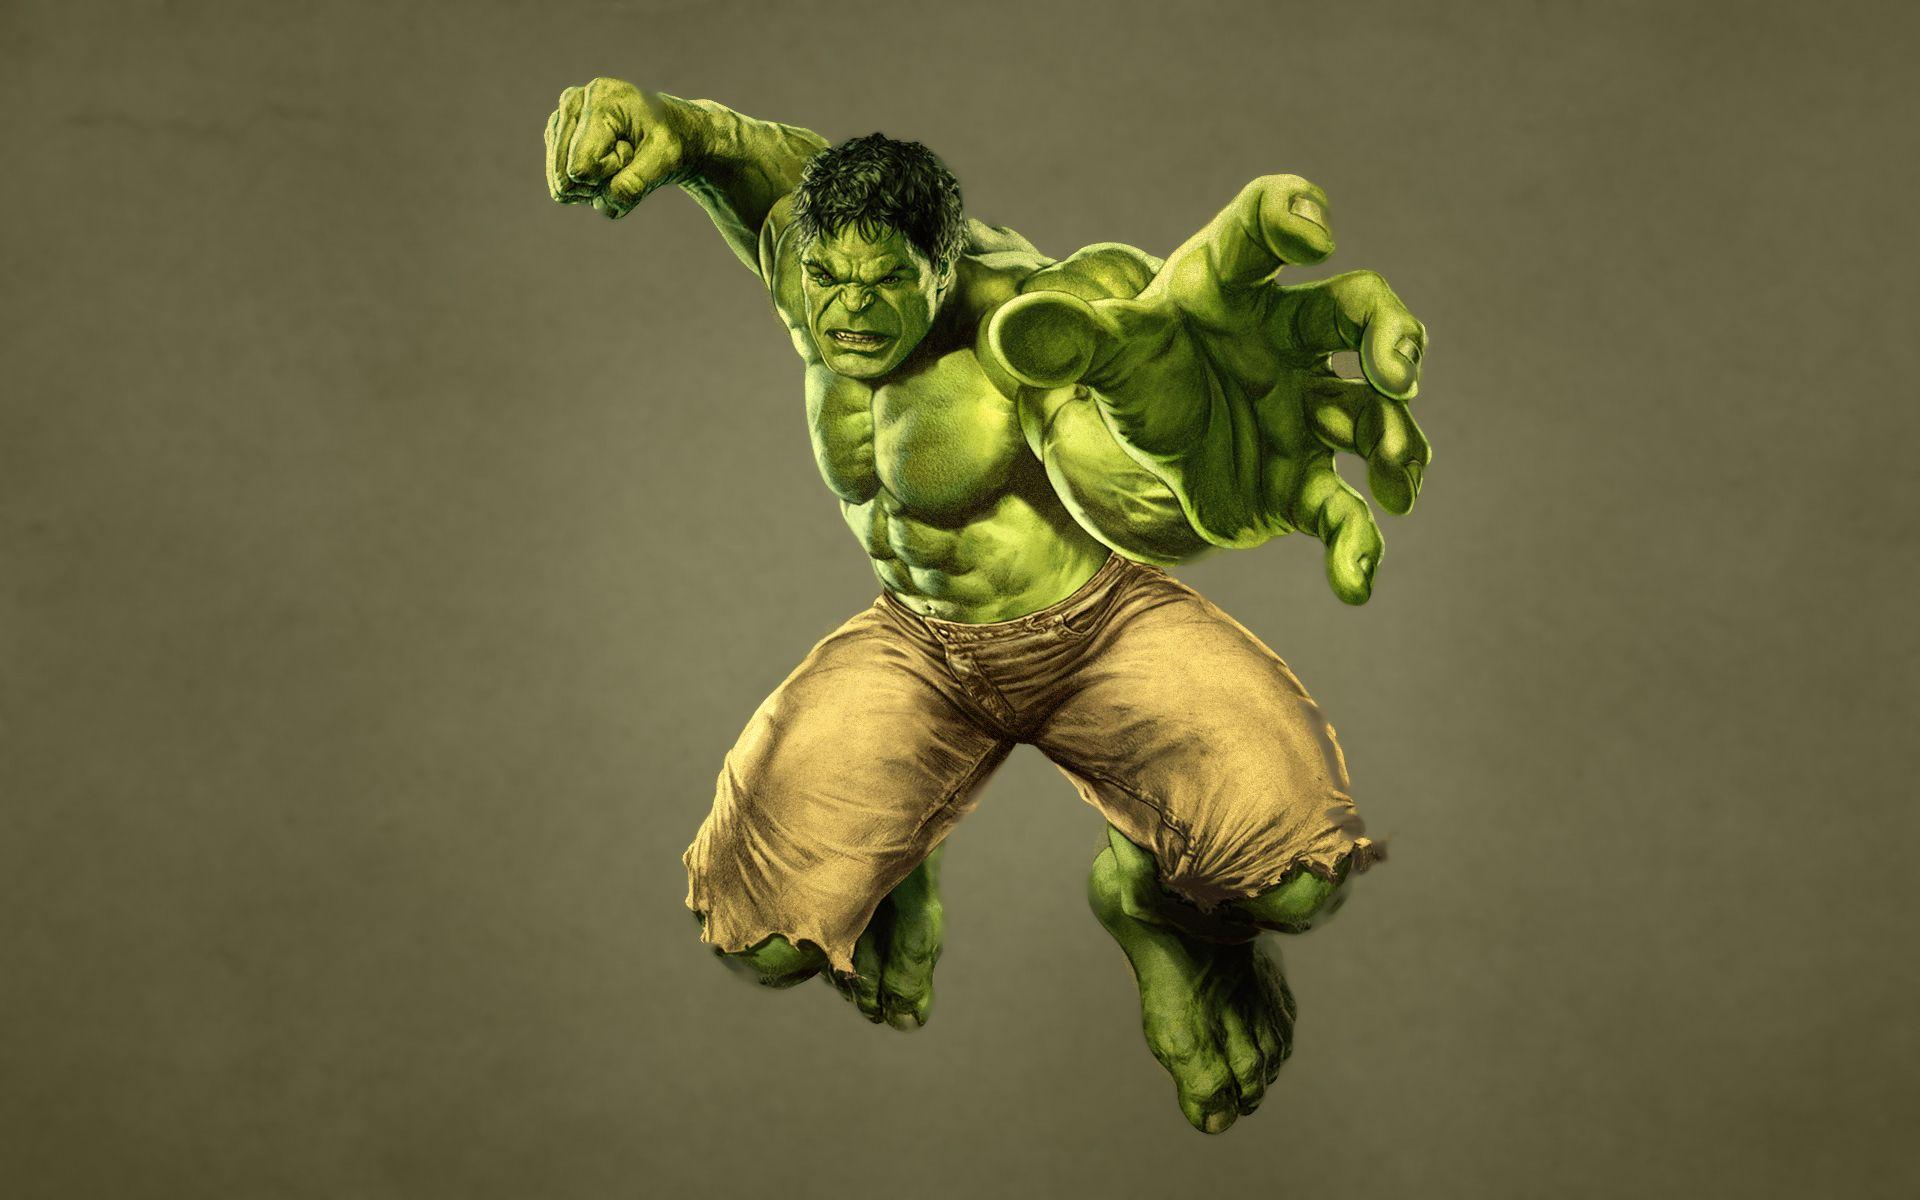 Ultra Hd Incredible Hulk Hq Picture Fotografi